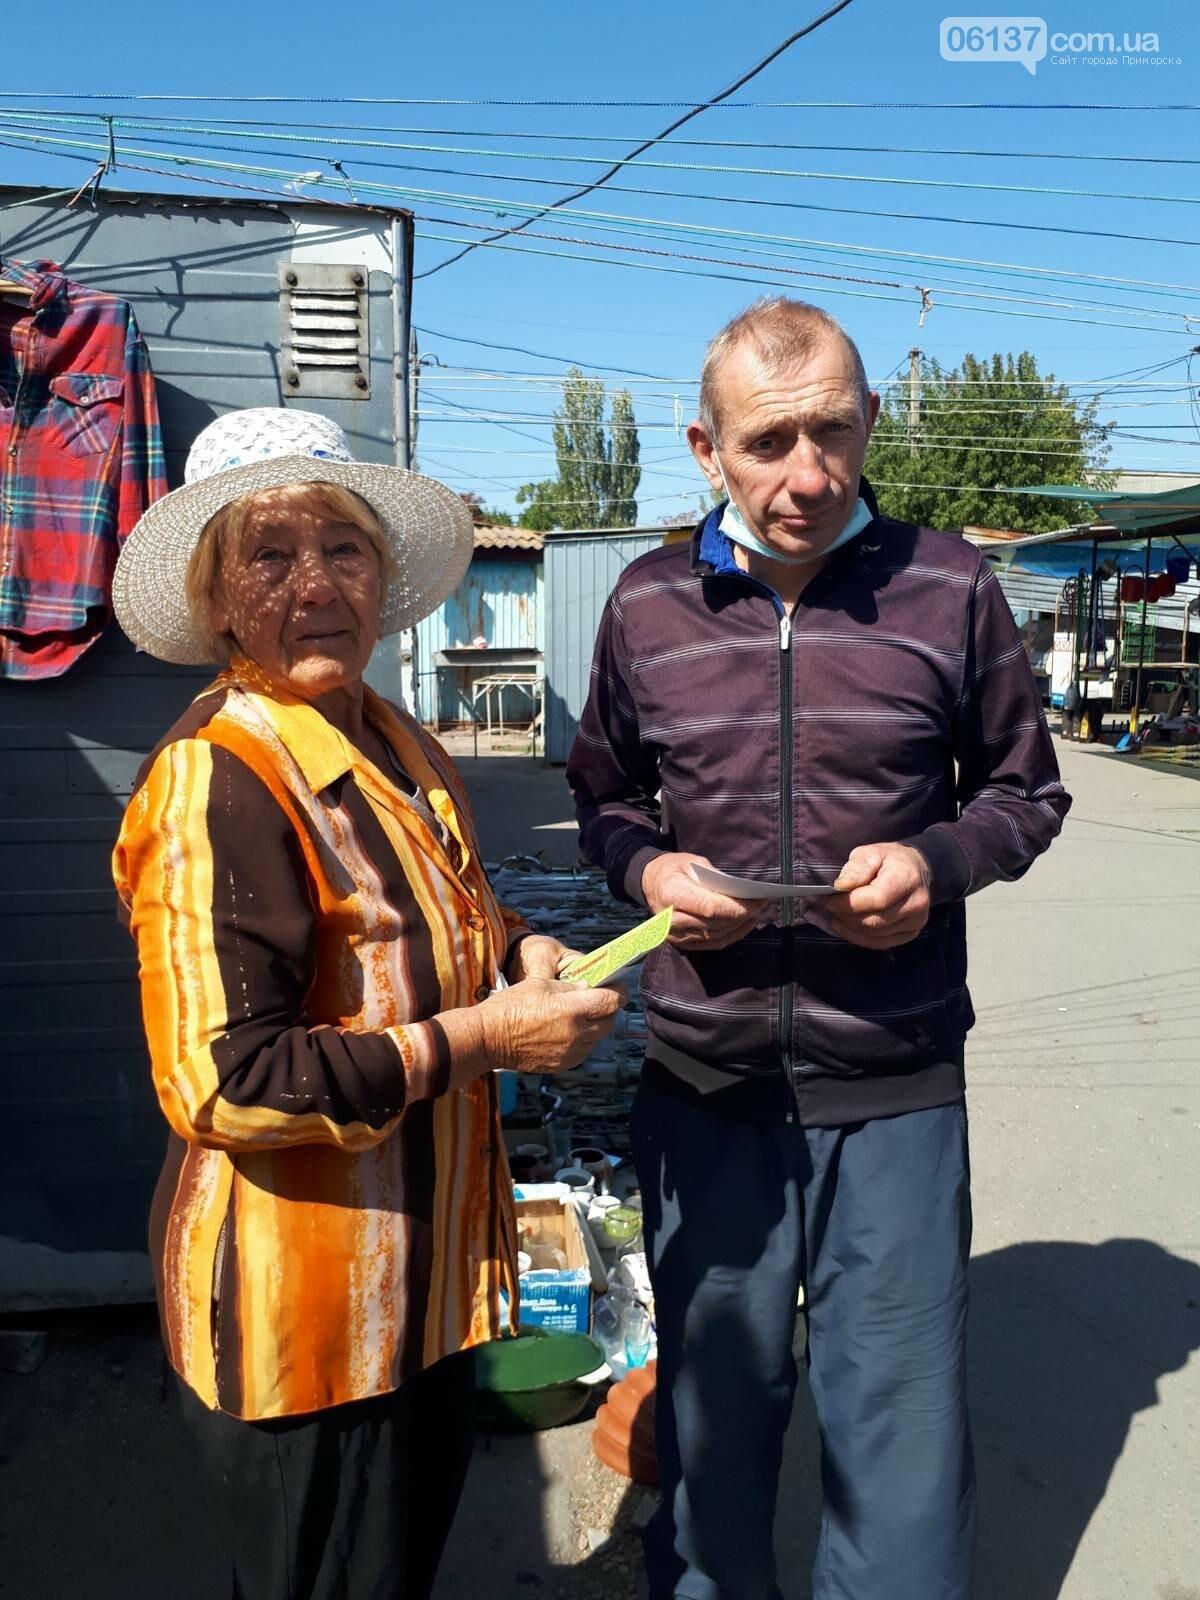 Волонтери Приморської громади роздавали пам'ятки про правила безпеки мешканцям міста, фото-1